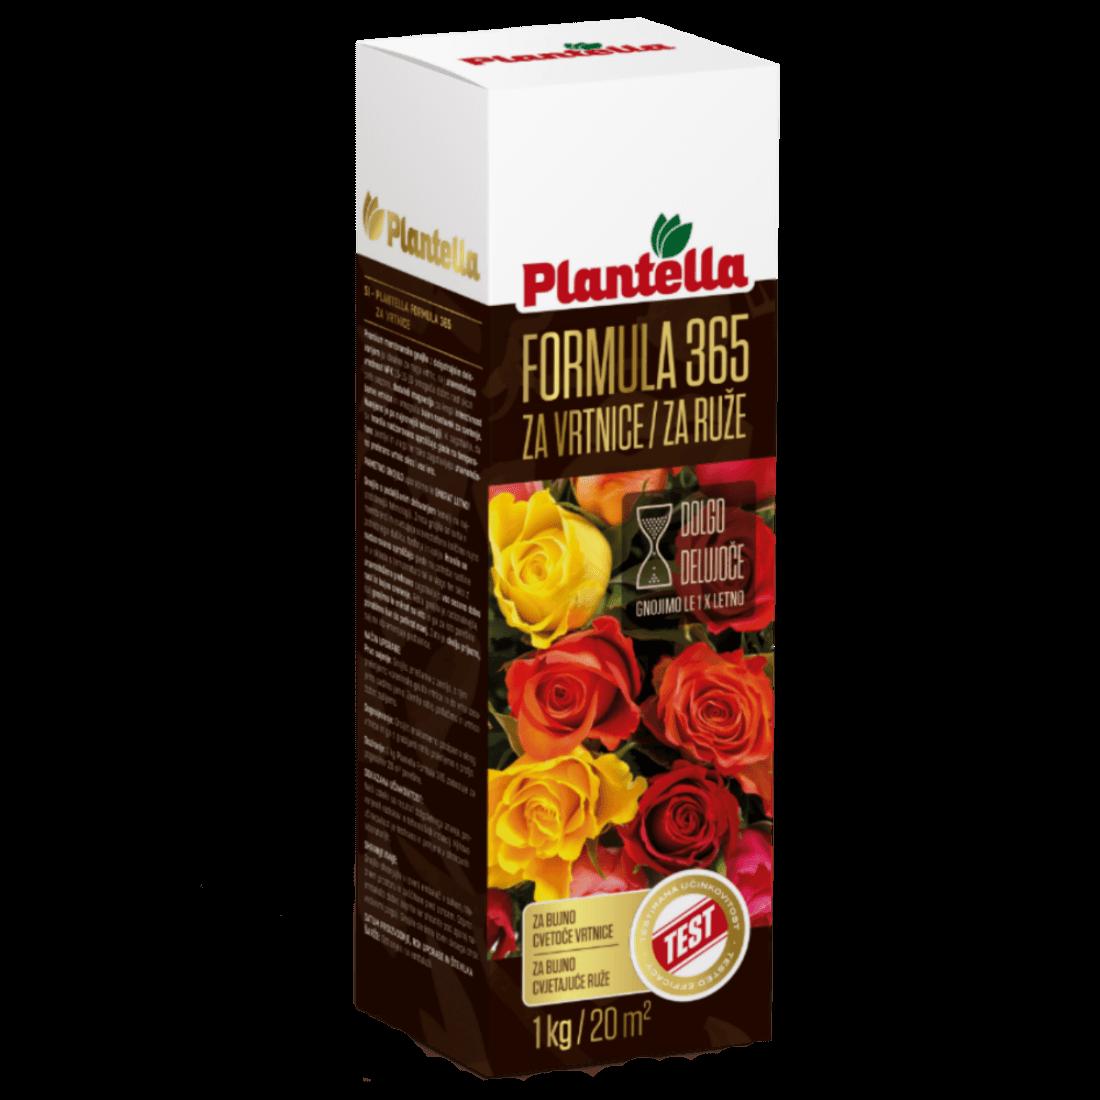 Plantella_Formula-365-vrtnice_SI-HR